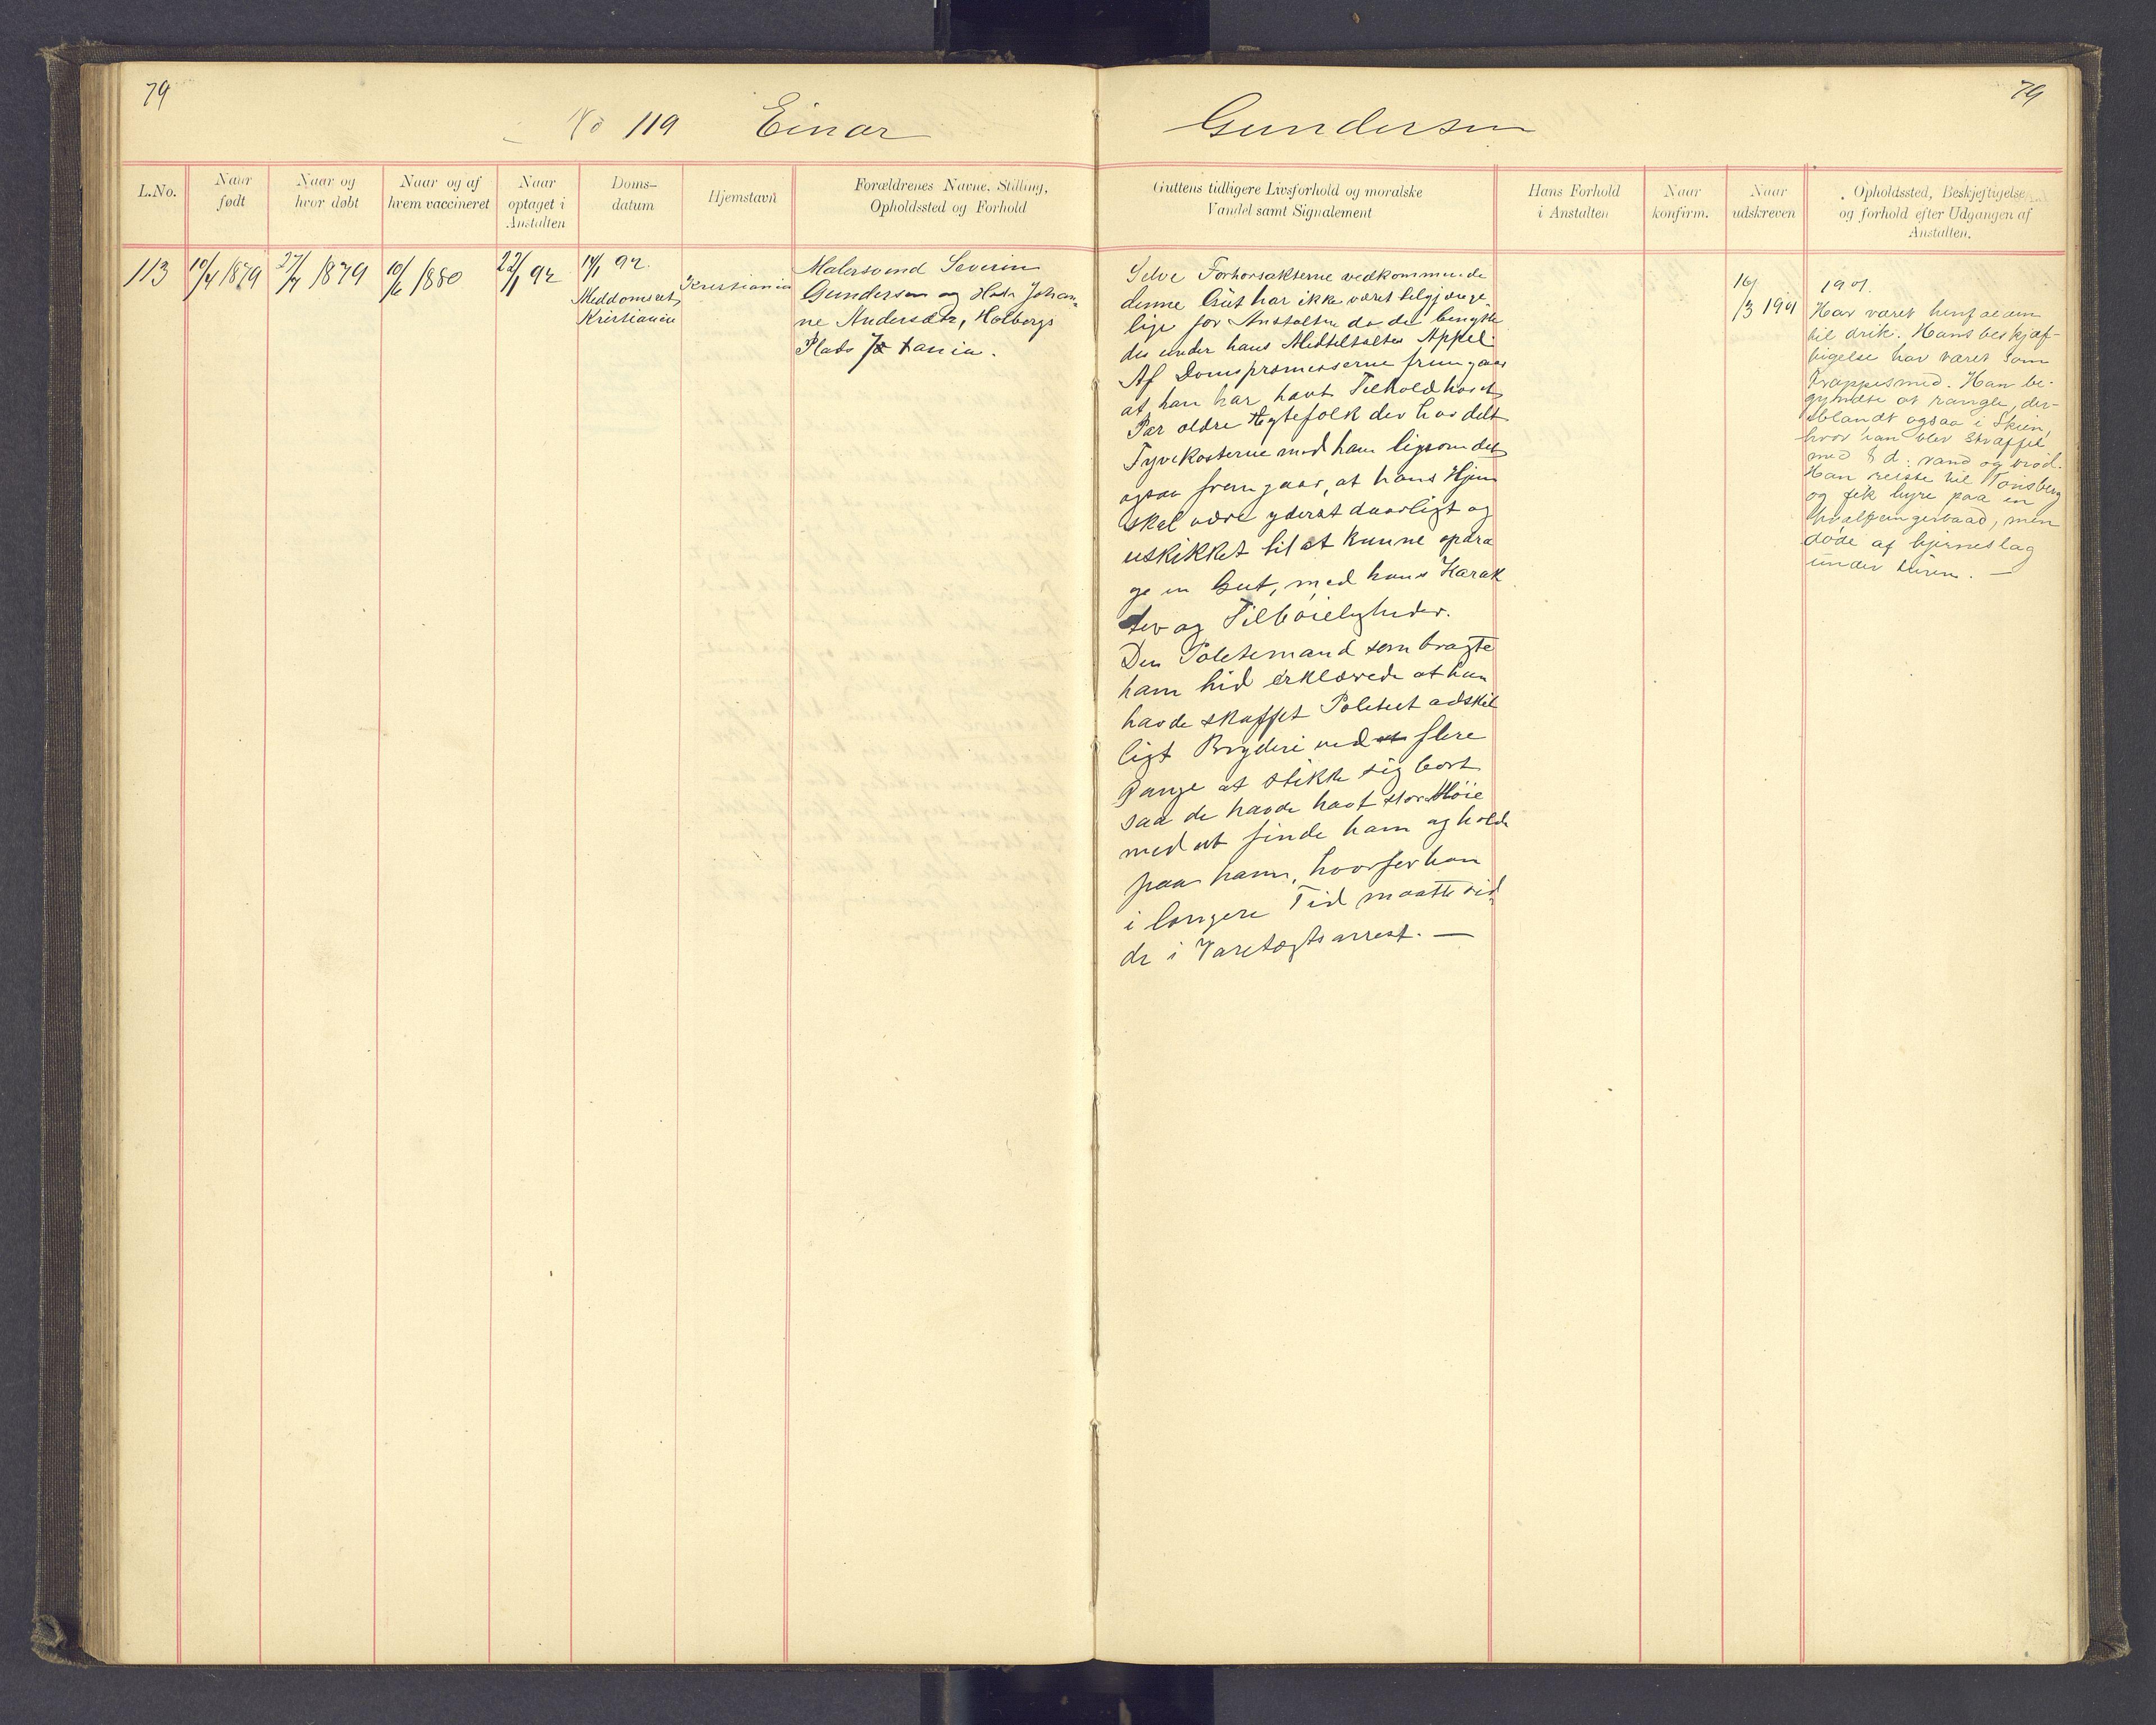 SAH, Toftes Gave, F/Fc/L0003: Elevprotokoll, 1886-1897, s. 79